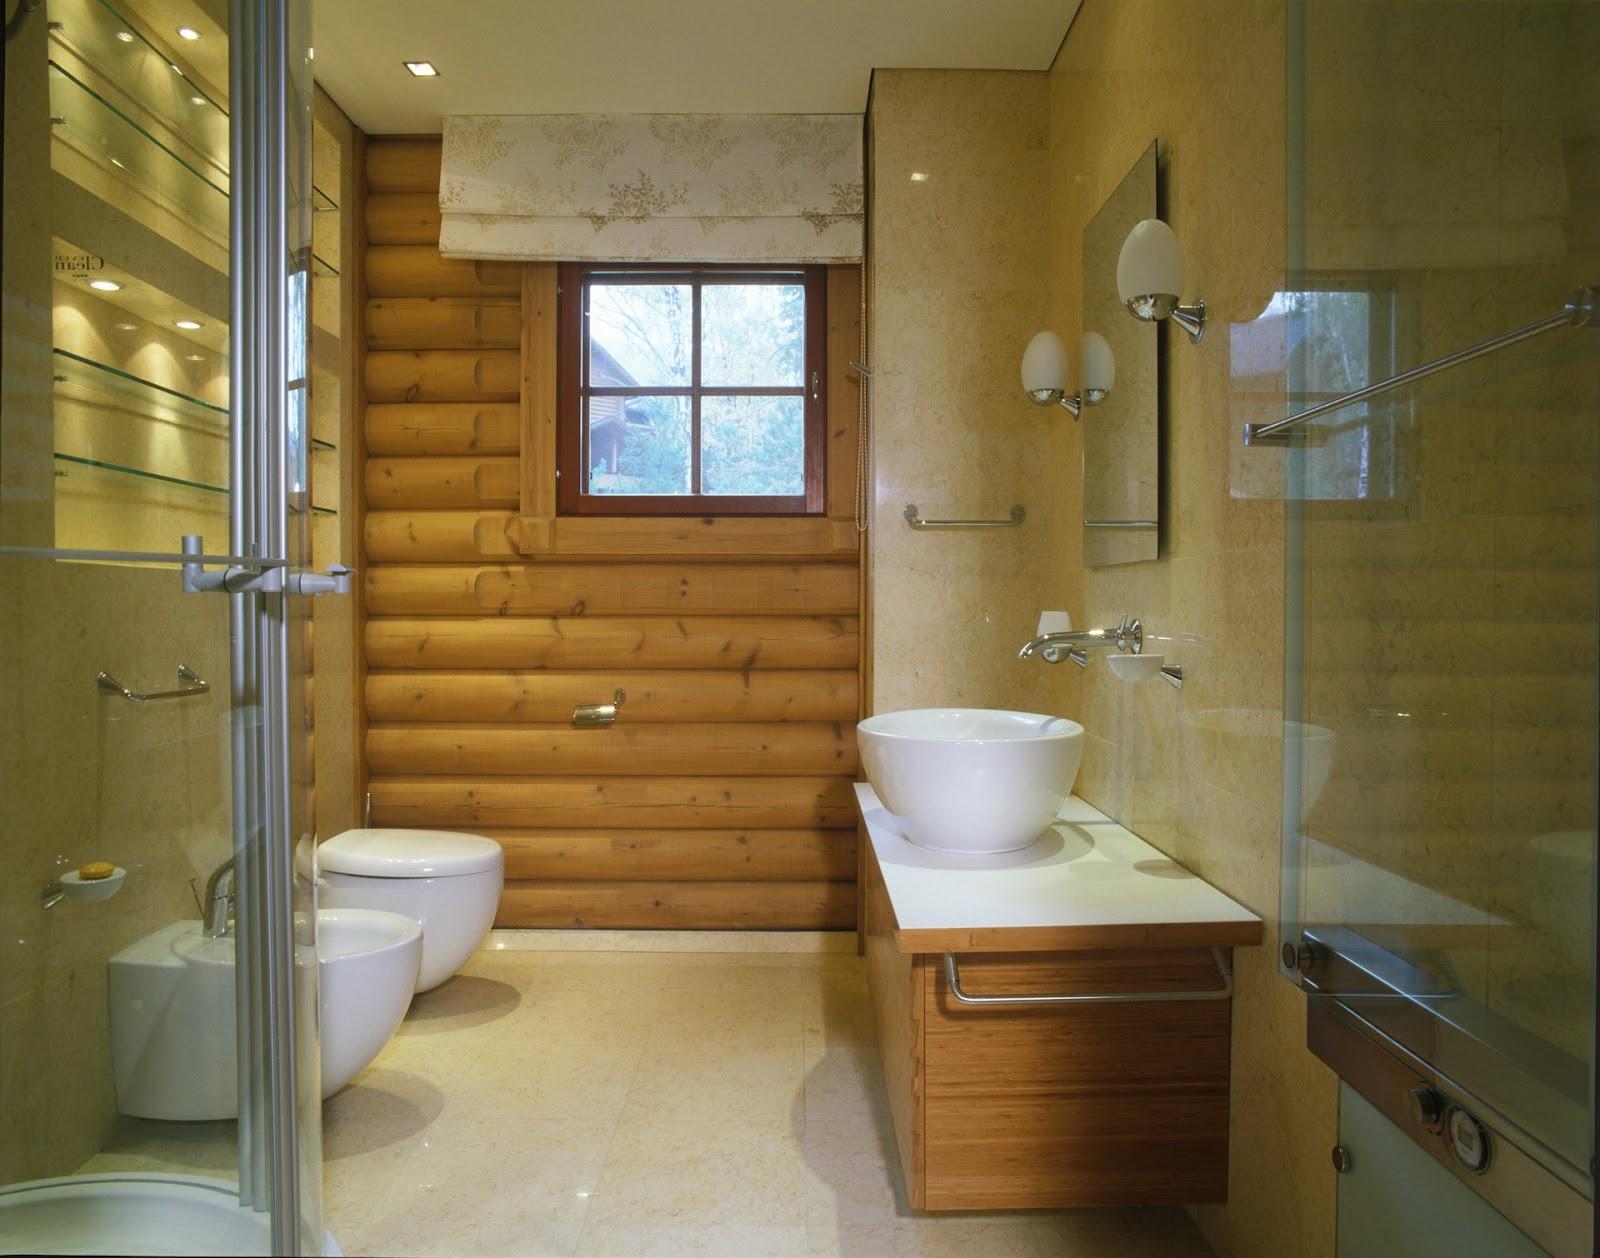 Ванная комната в доме своими руками фото